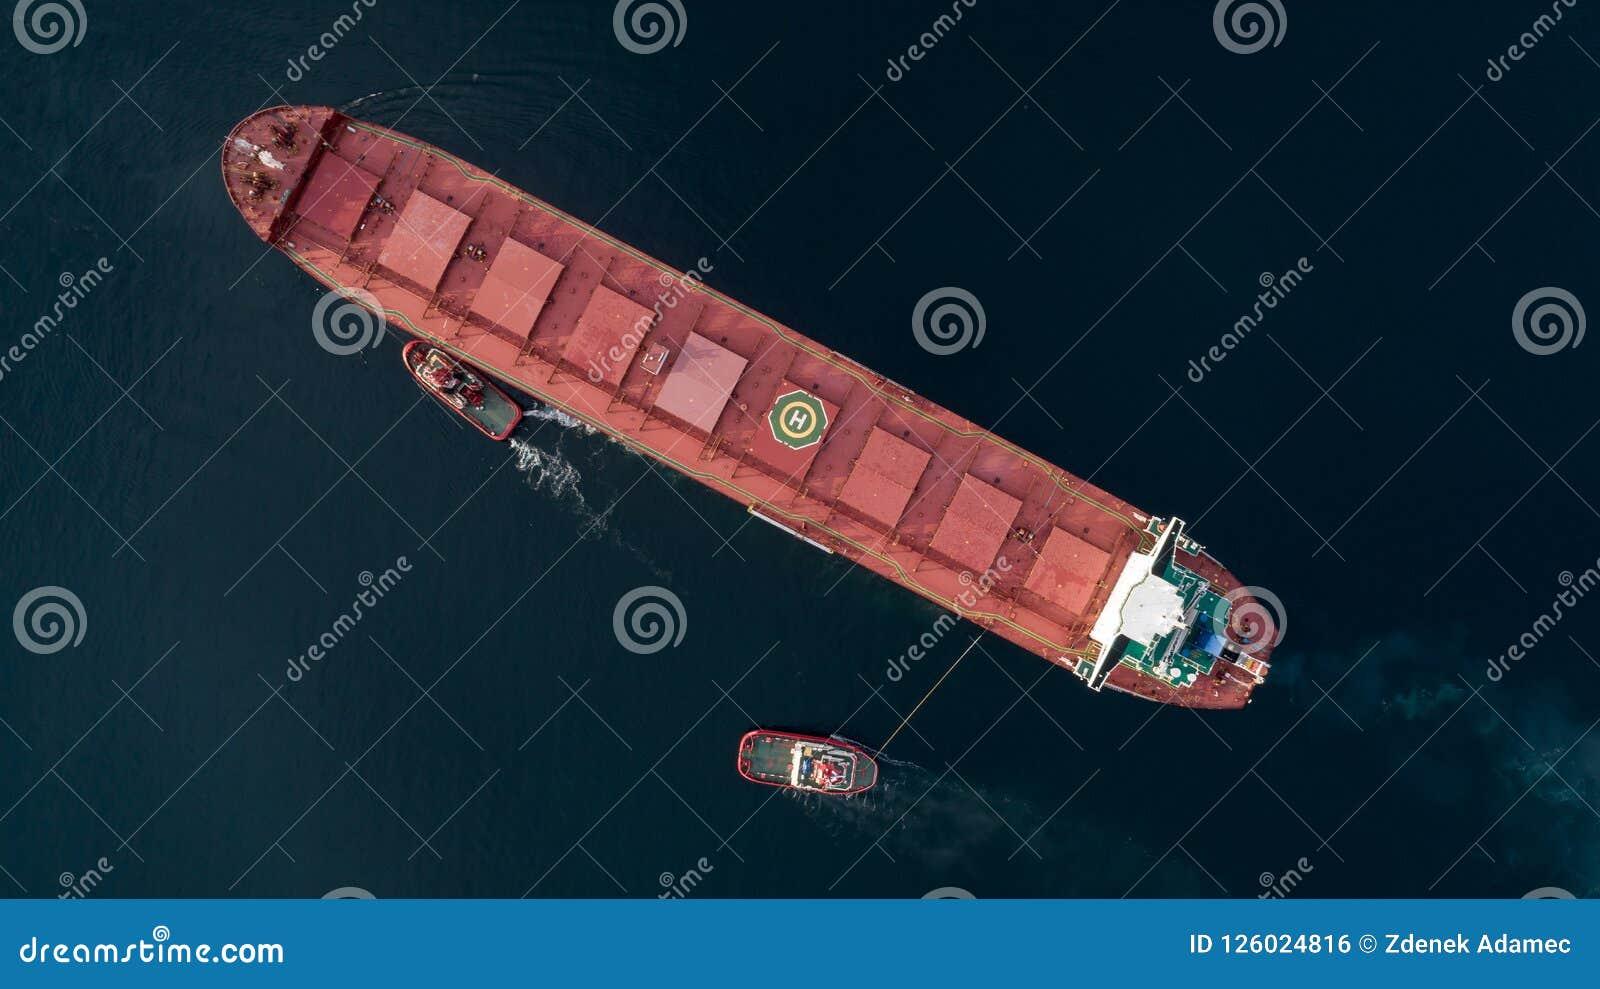 Εναέριος πυροβολισμός ενός πλησιάζοντας λιμένα φορτηγών πλοίων με τη βοήθεια της ρυμούλκησης του σκάφους